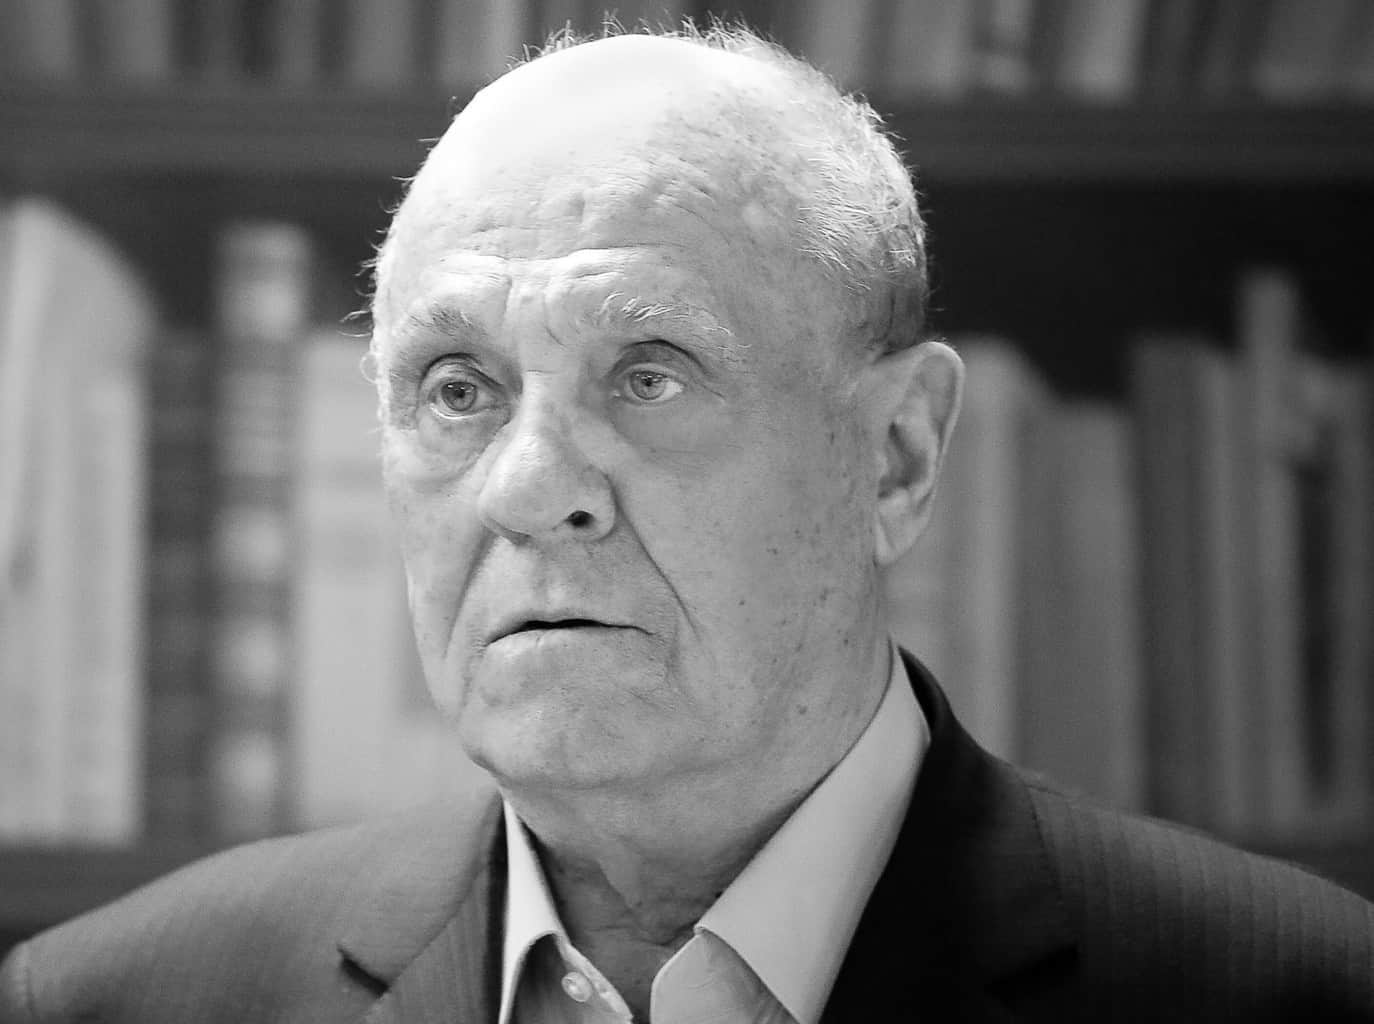 От последствий коронавируса умер режиссер и актер Владимир Меньшов